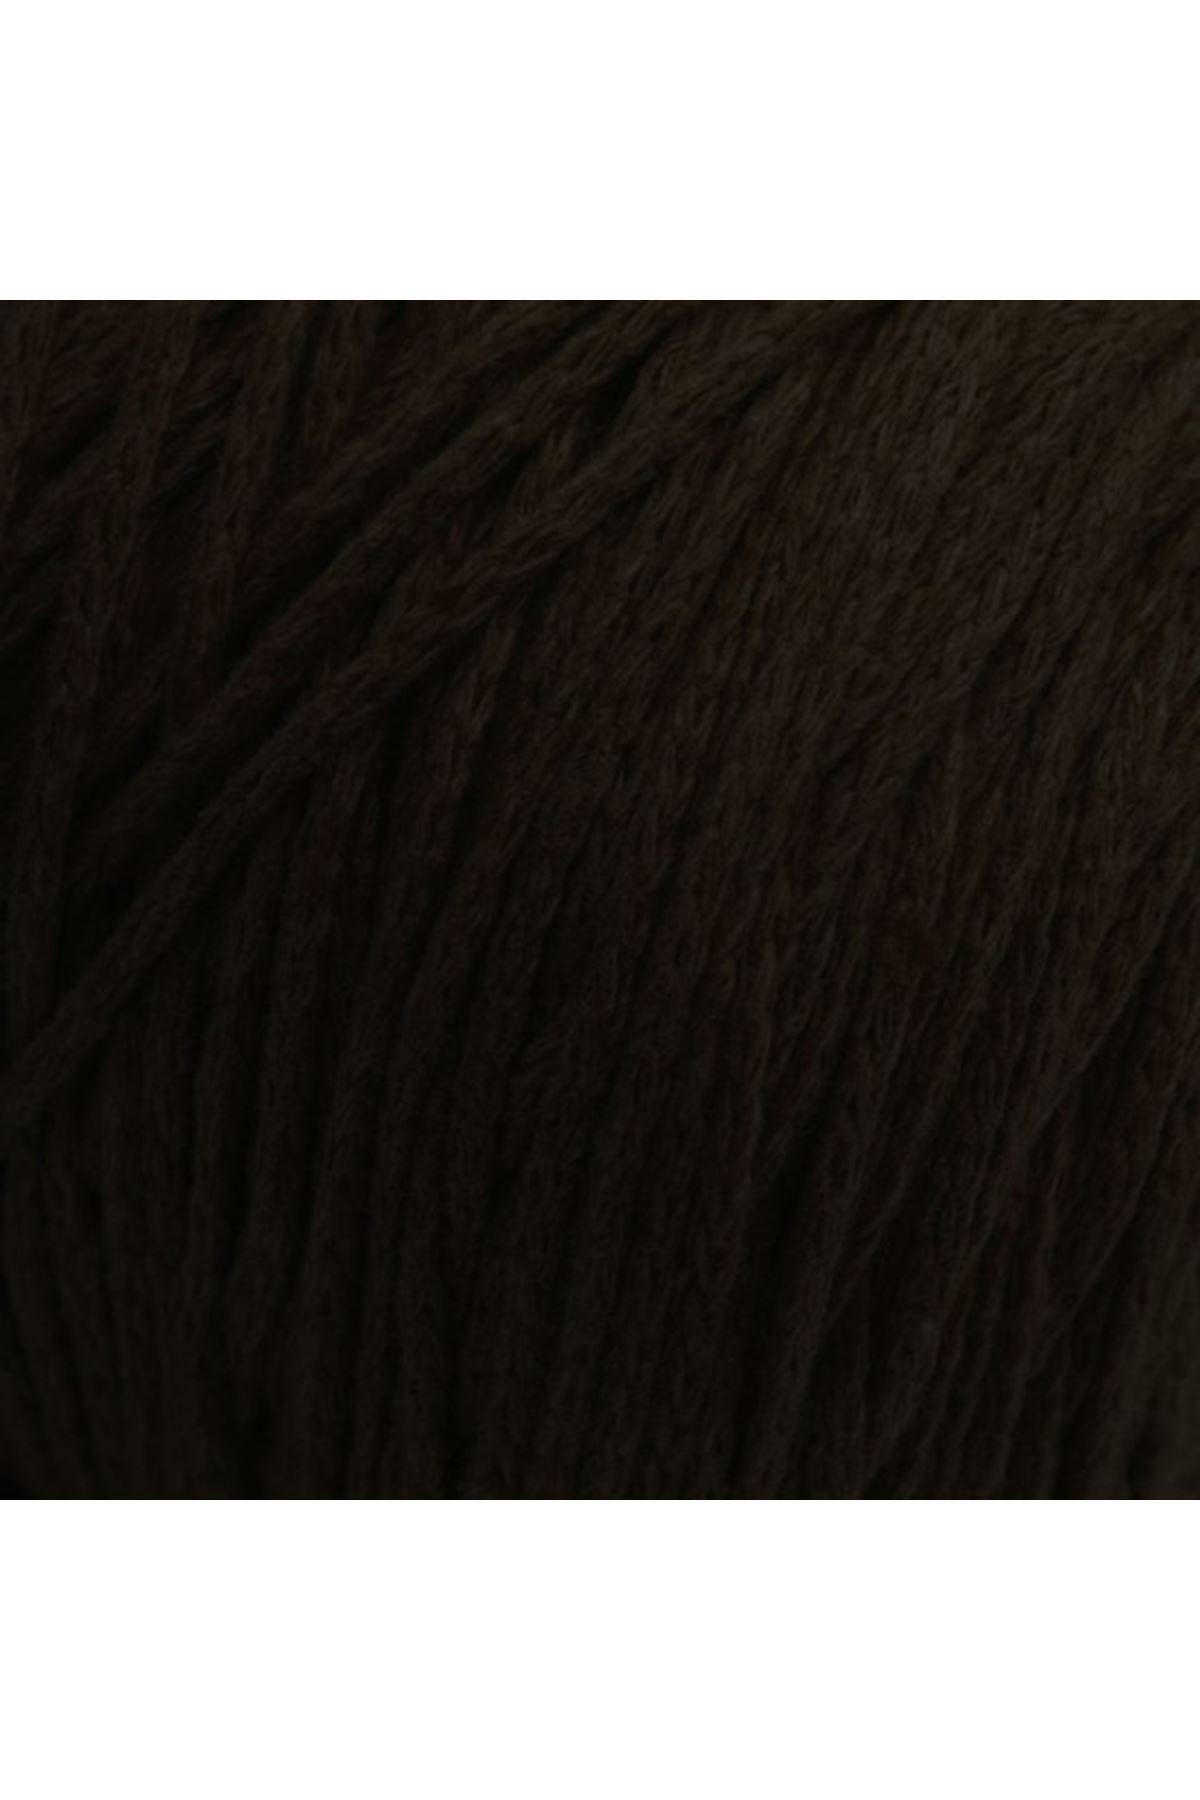 Cotton Makrome İnce - 51540 - Kahverengi